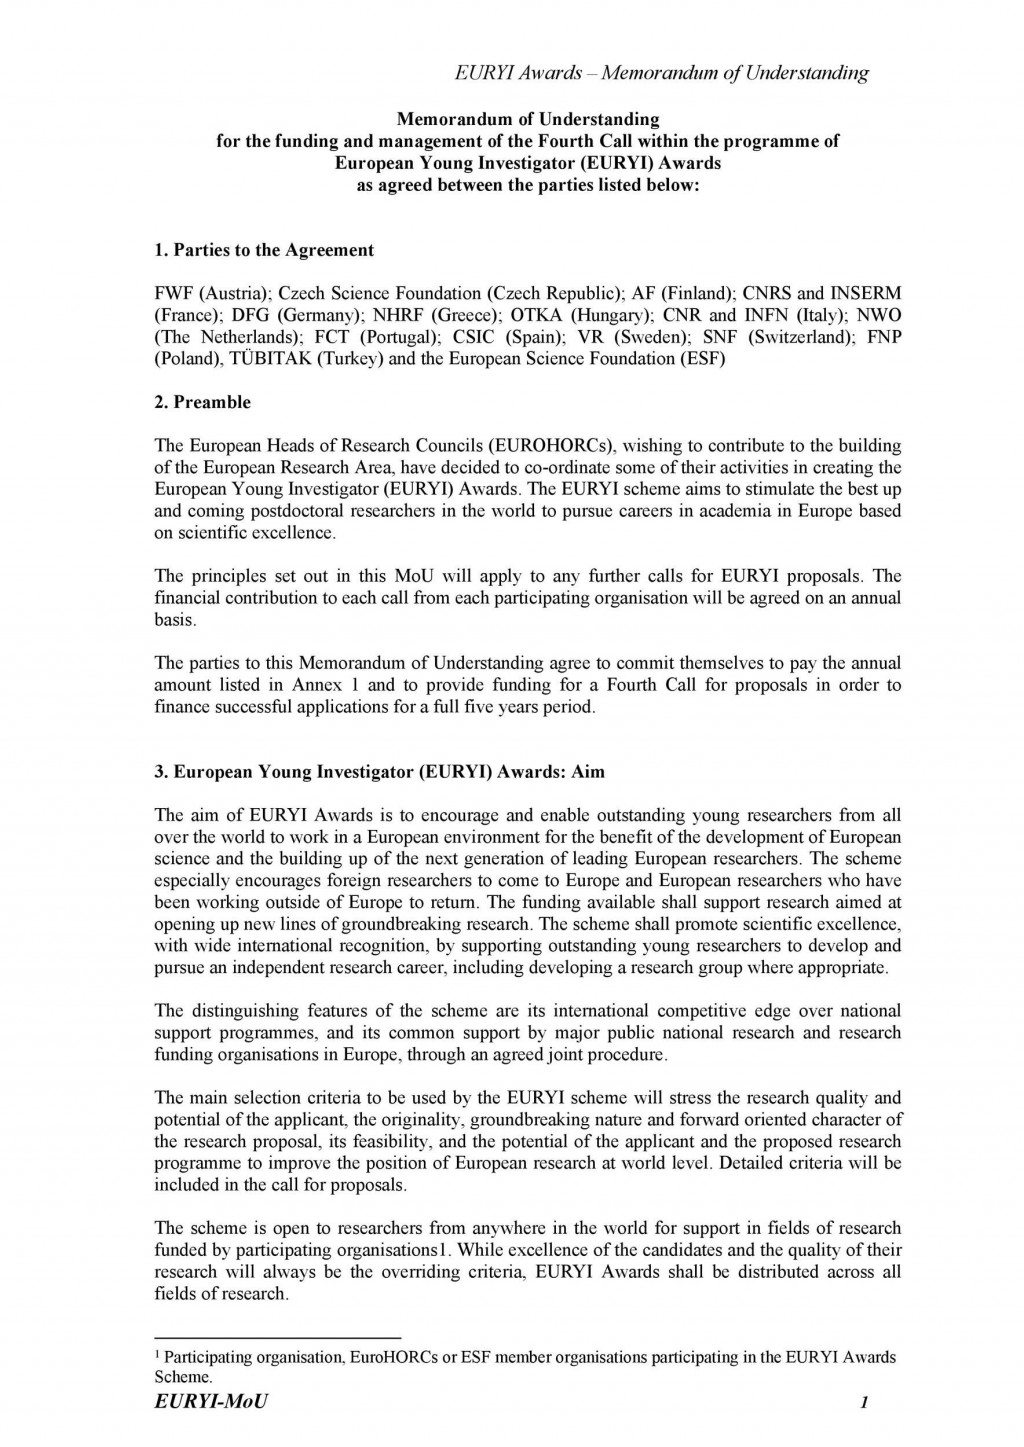 003 Shocking Letter Of Understanding Sample High Definition  Samples Template WordLarge